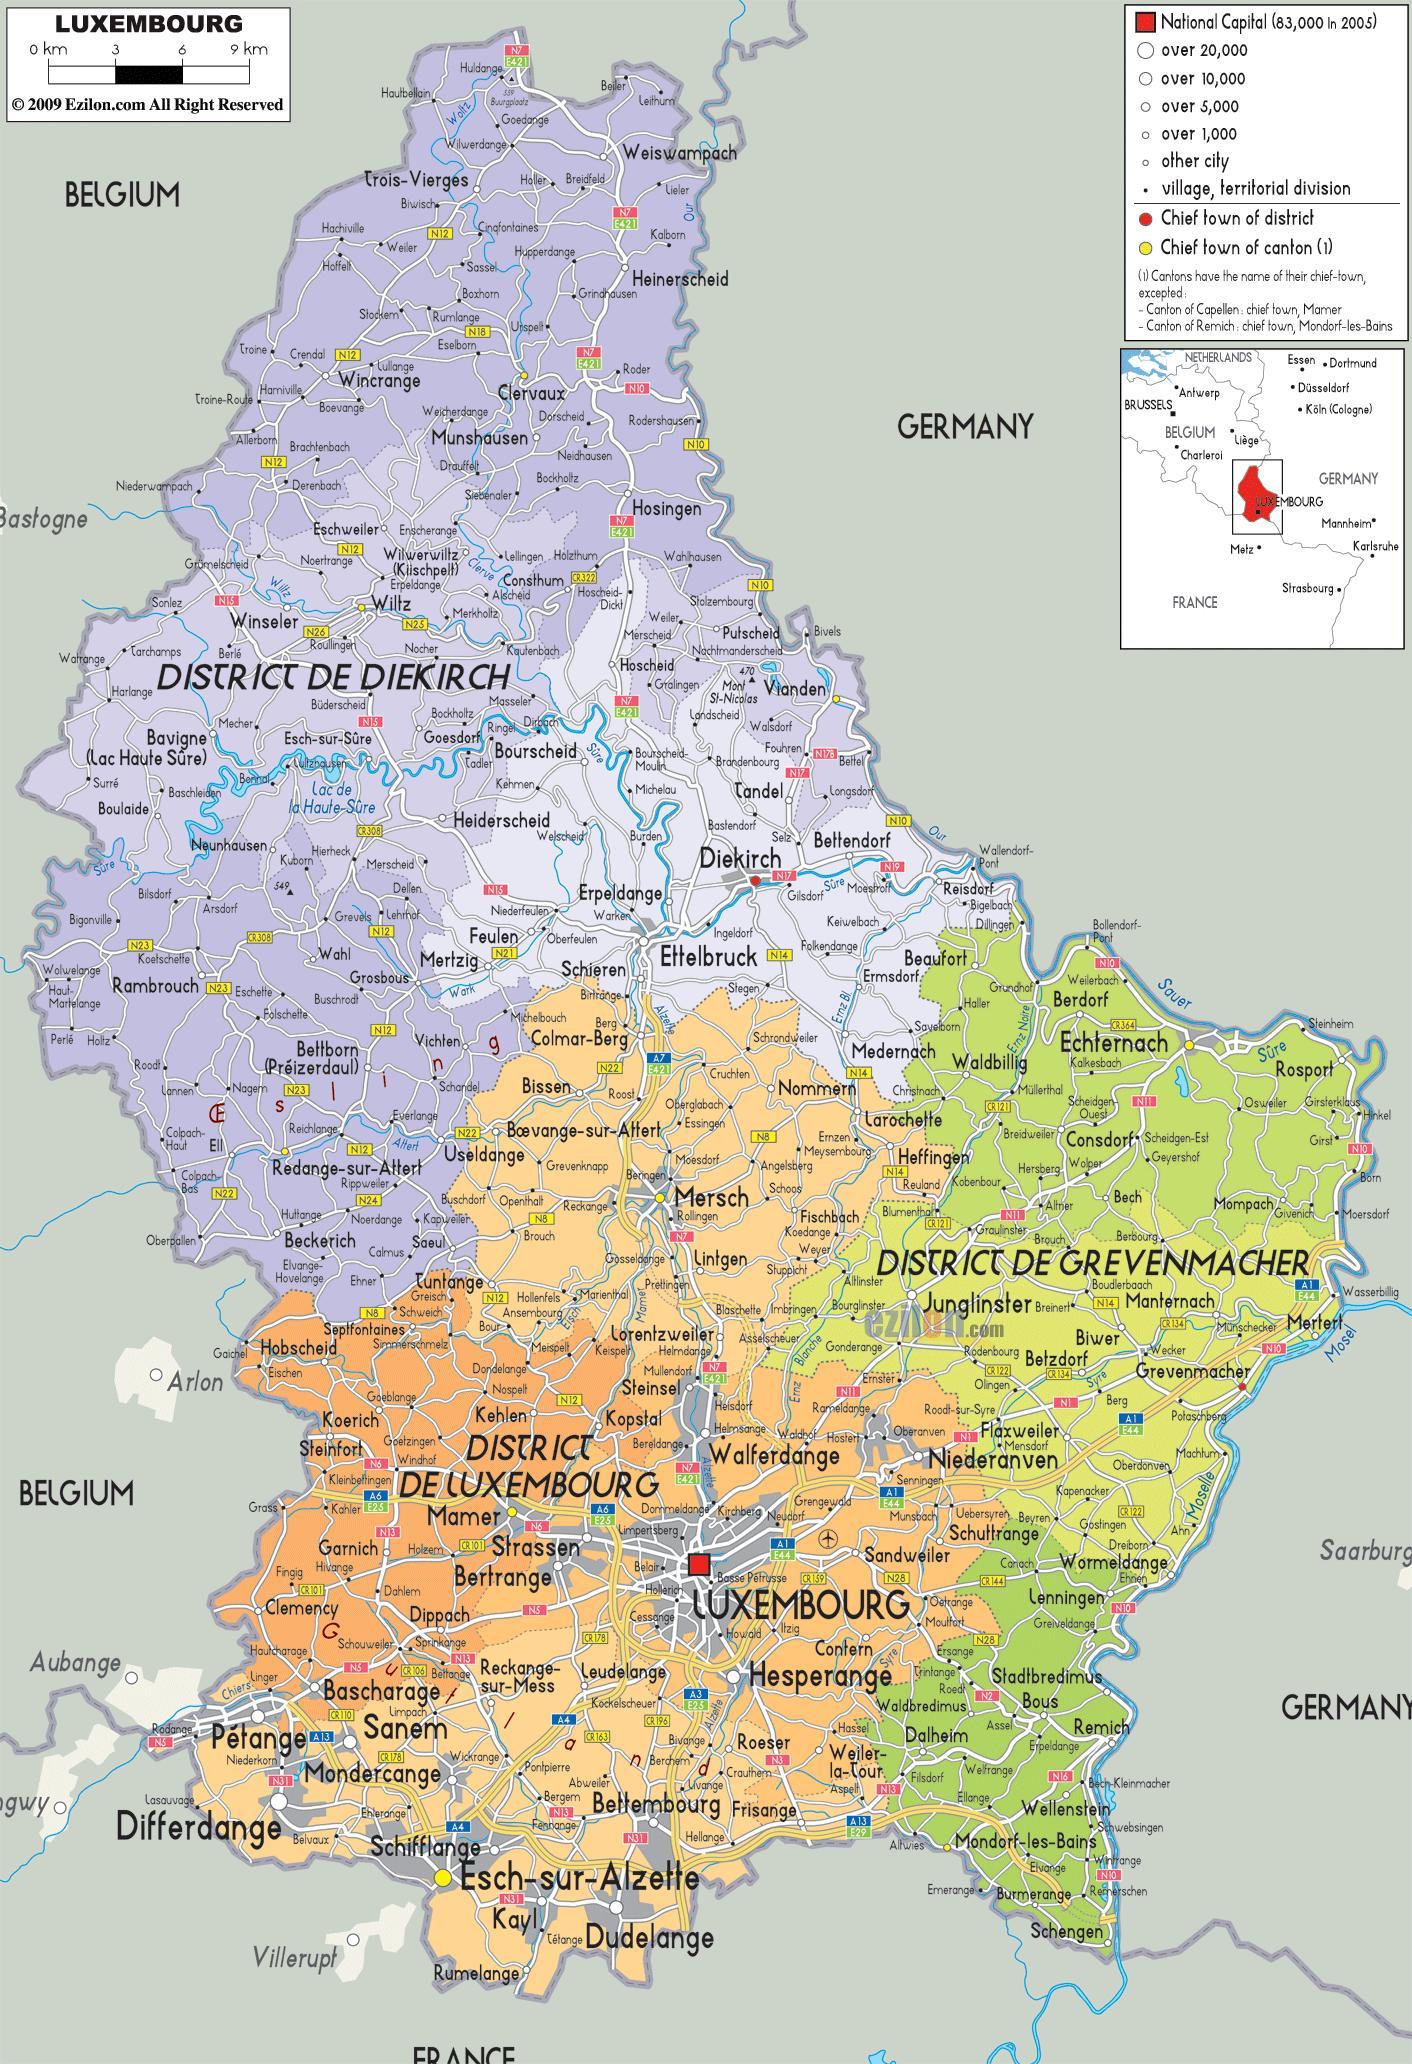 Kartta Luxemburg Luxemburg Maan Kartta Lansi Eurooppa Eurooppa